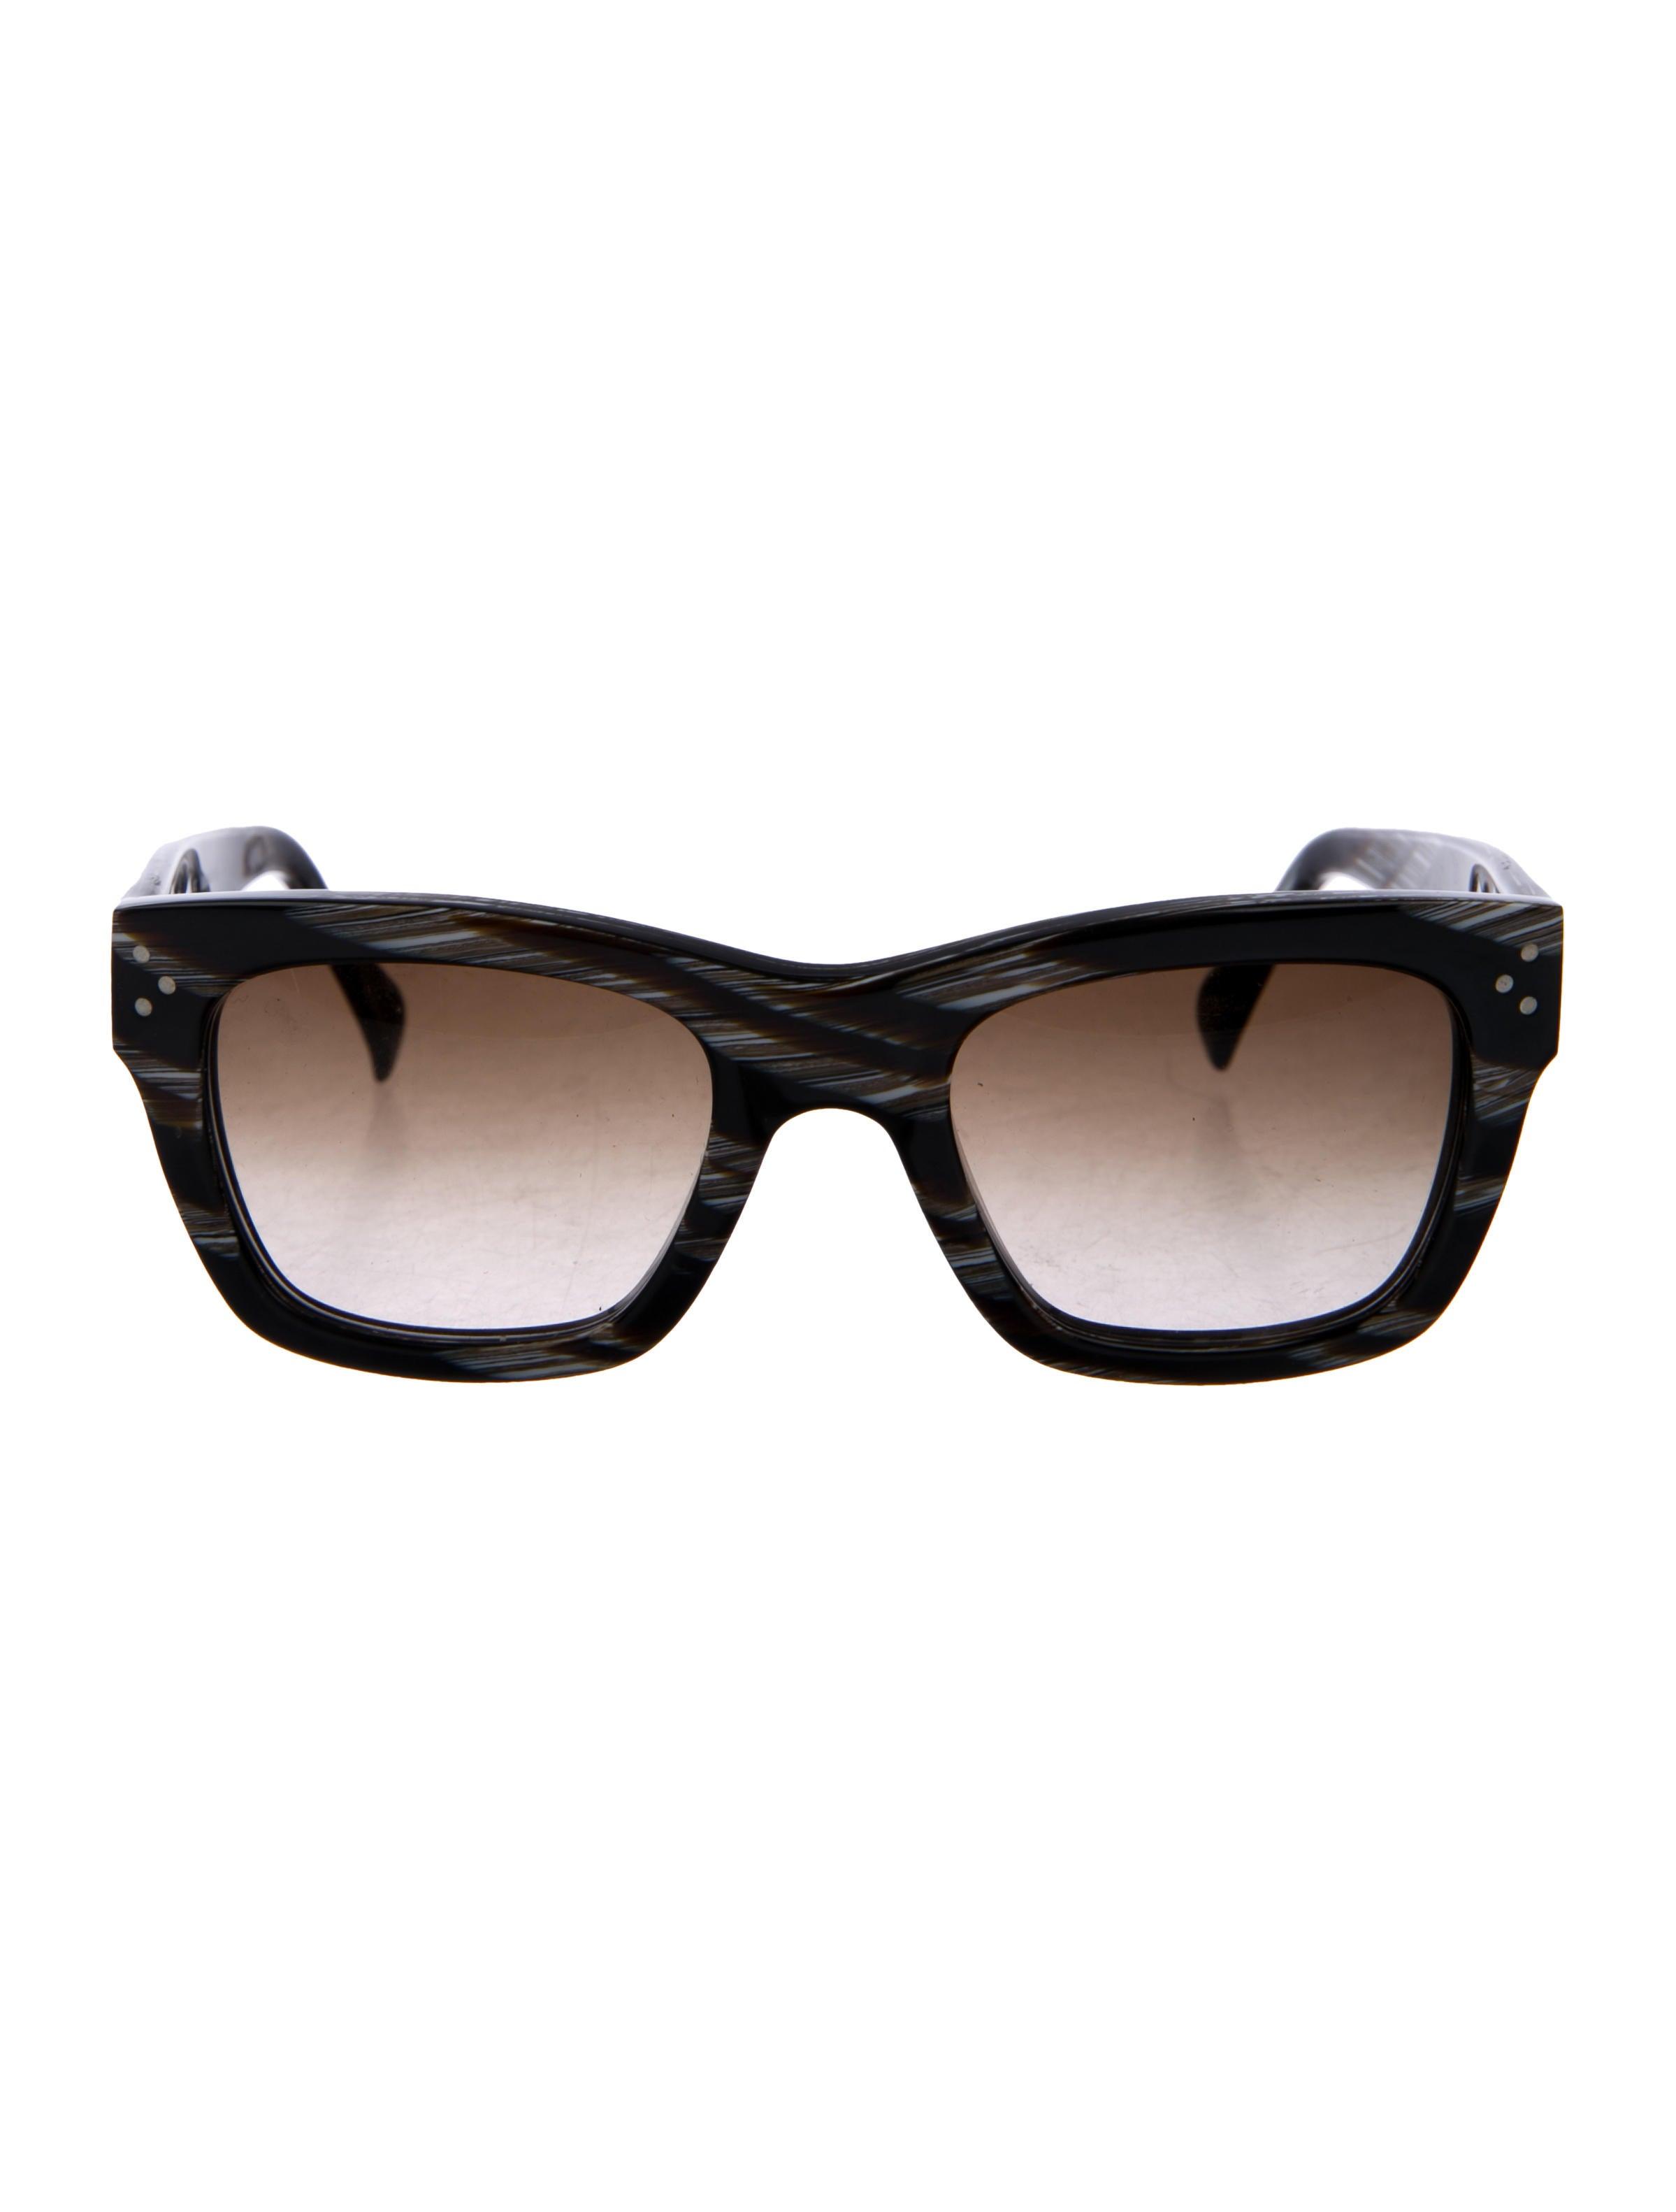 e6f0ae0ff14 Celine Square Gradient Sunglasses - Accessories - CEL88482